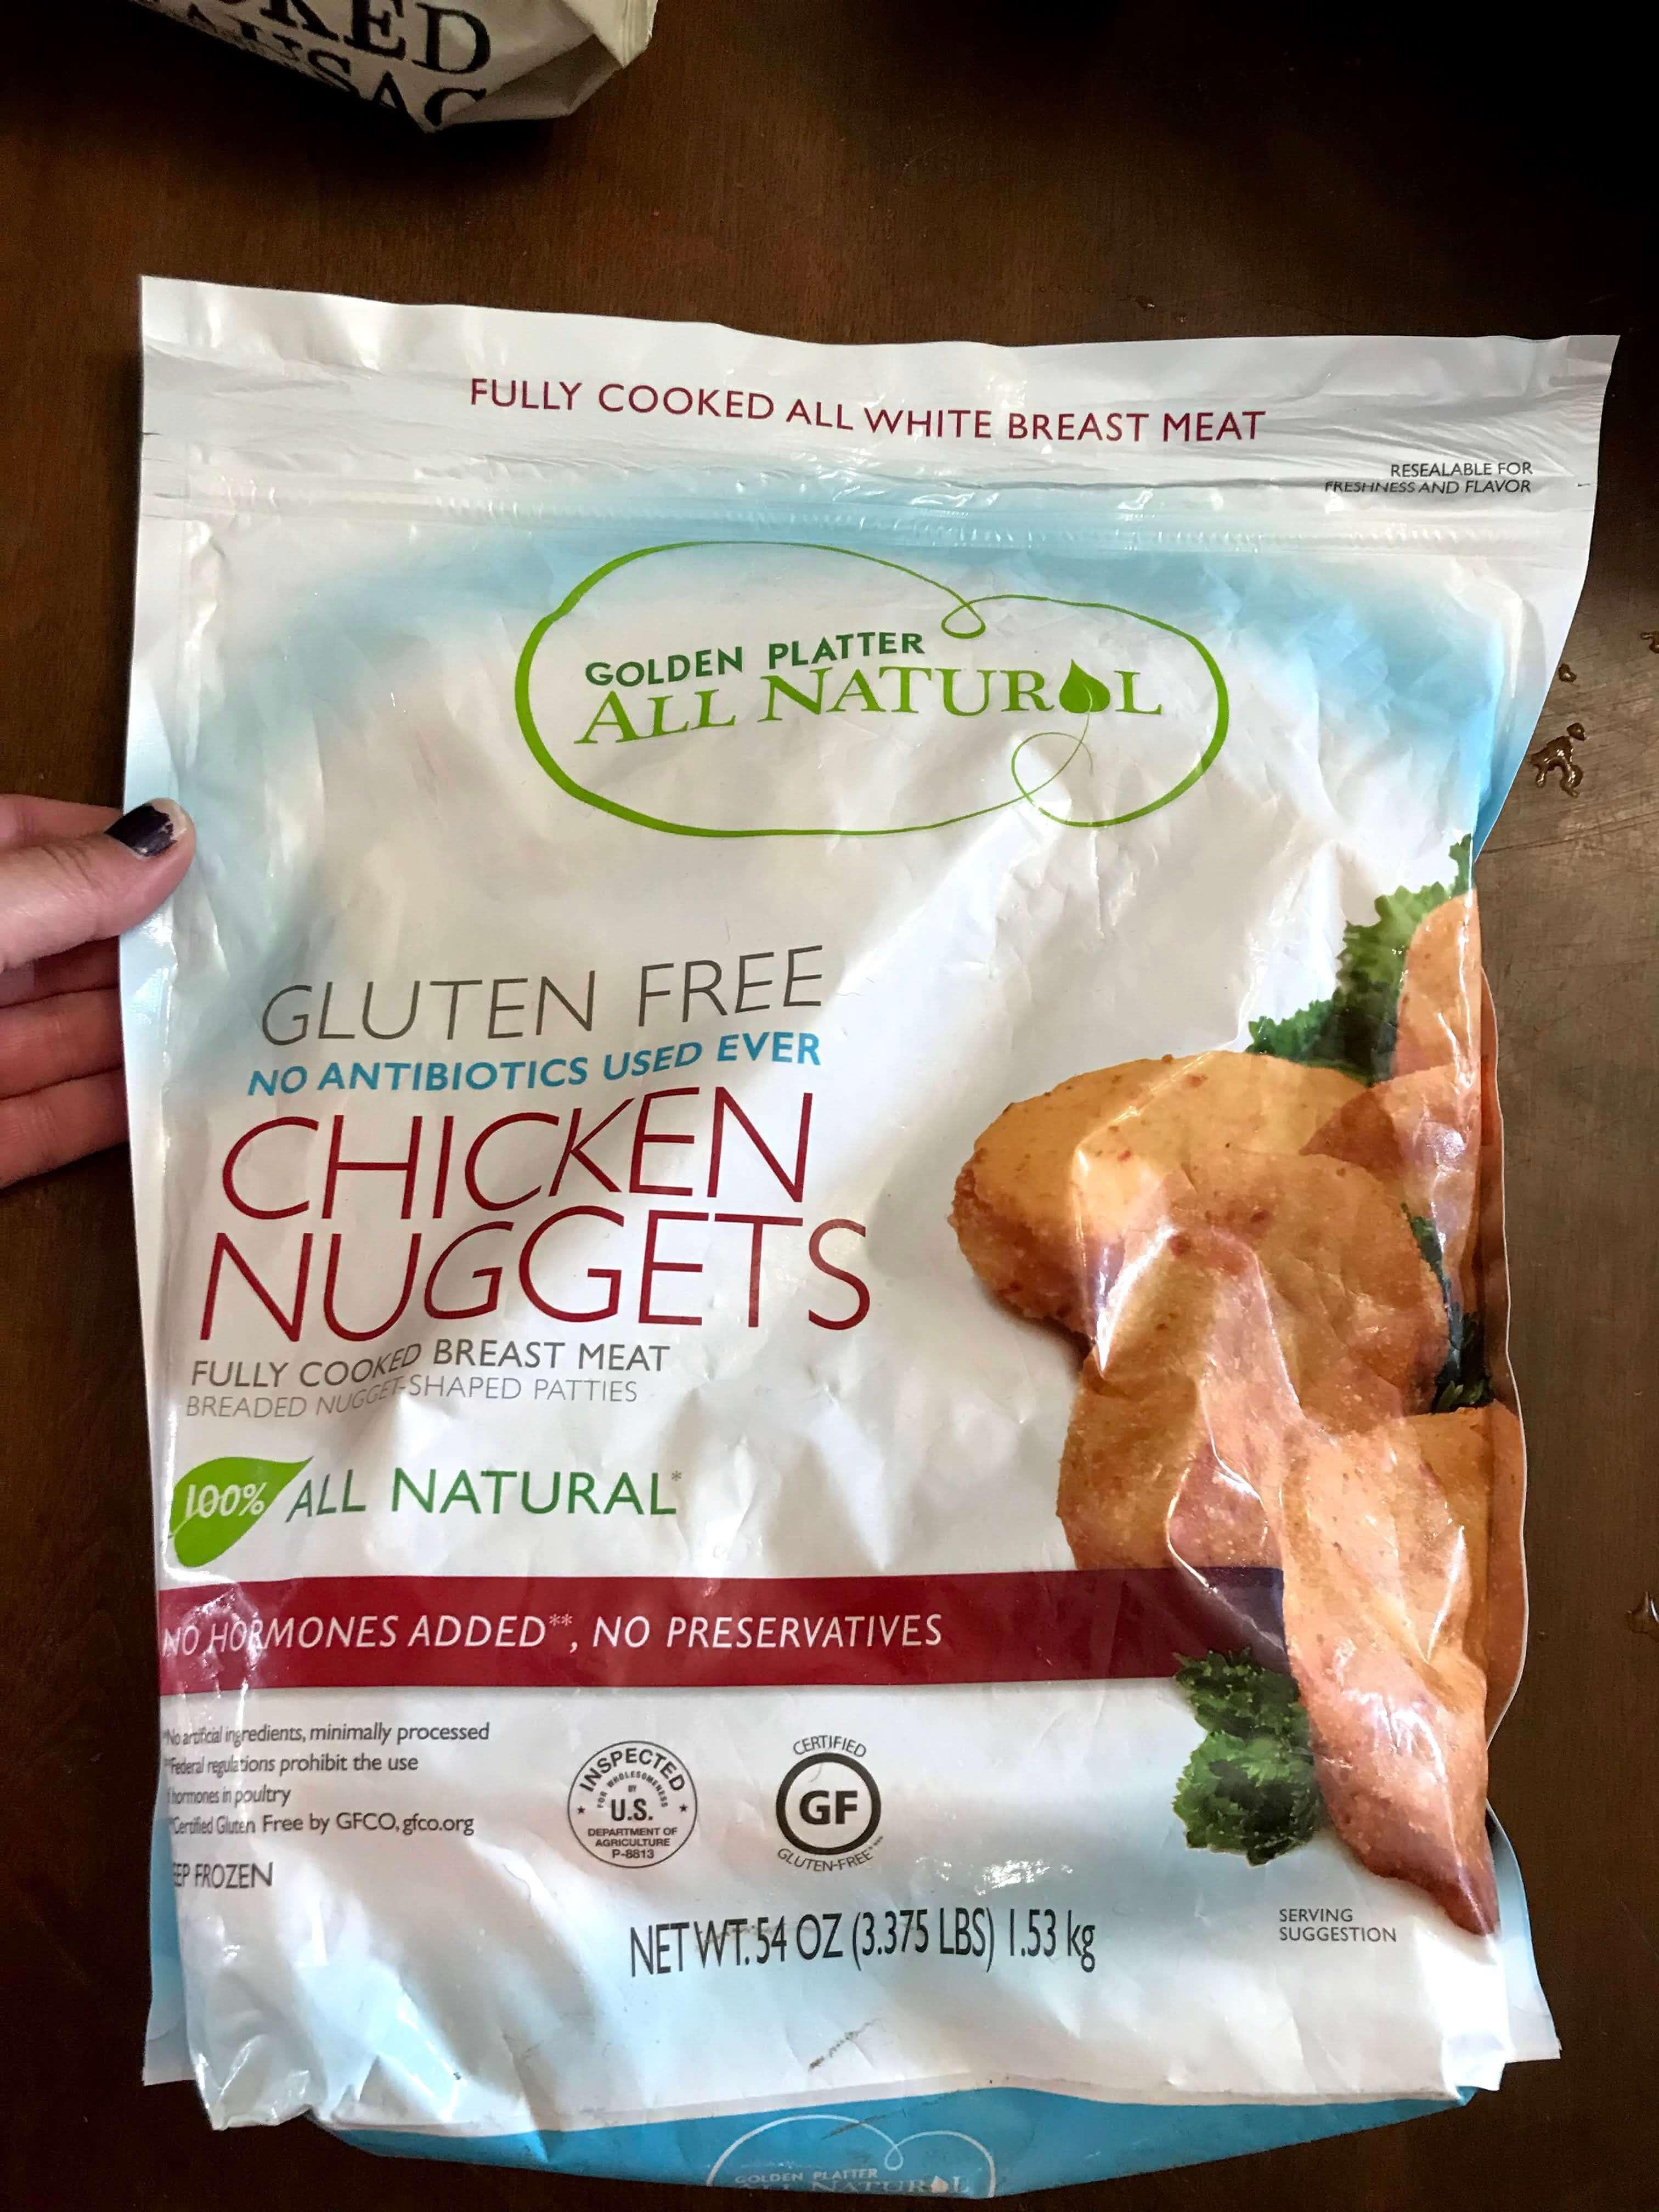 Golden Platter gluten free chicken nuggets